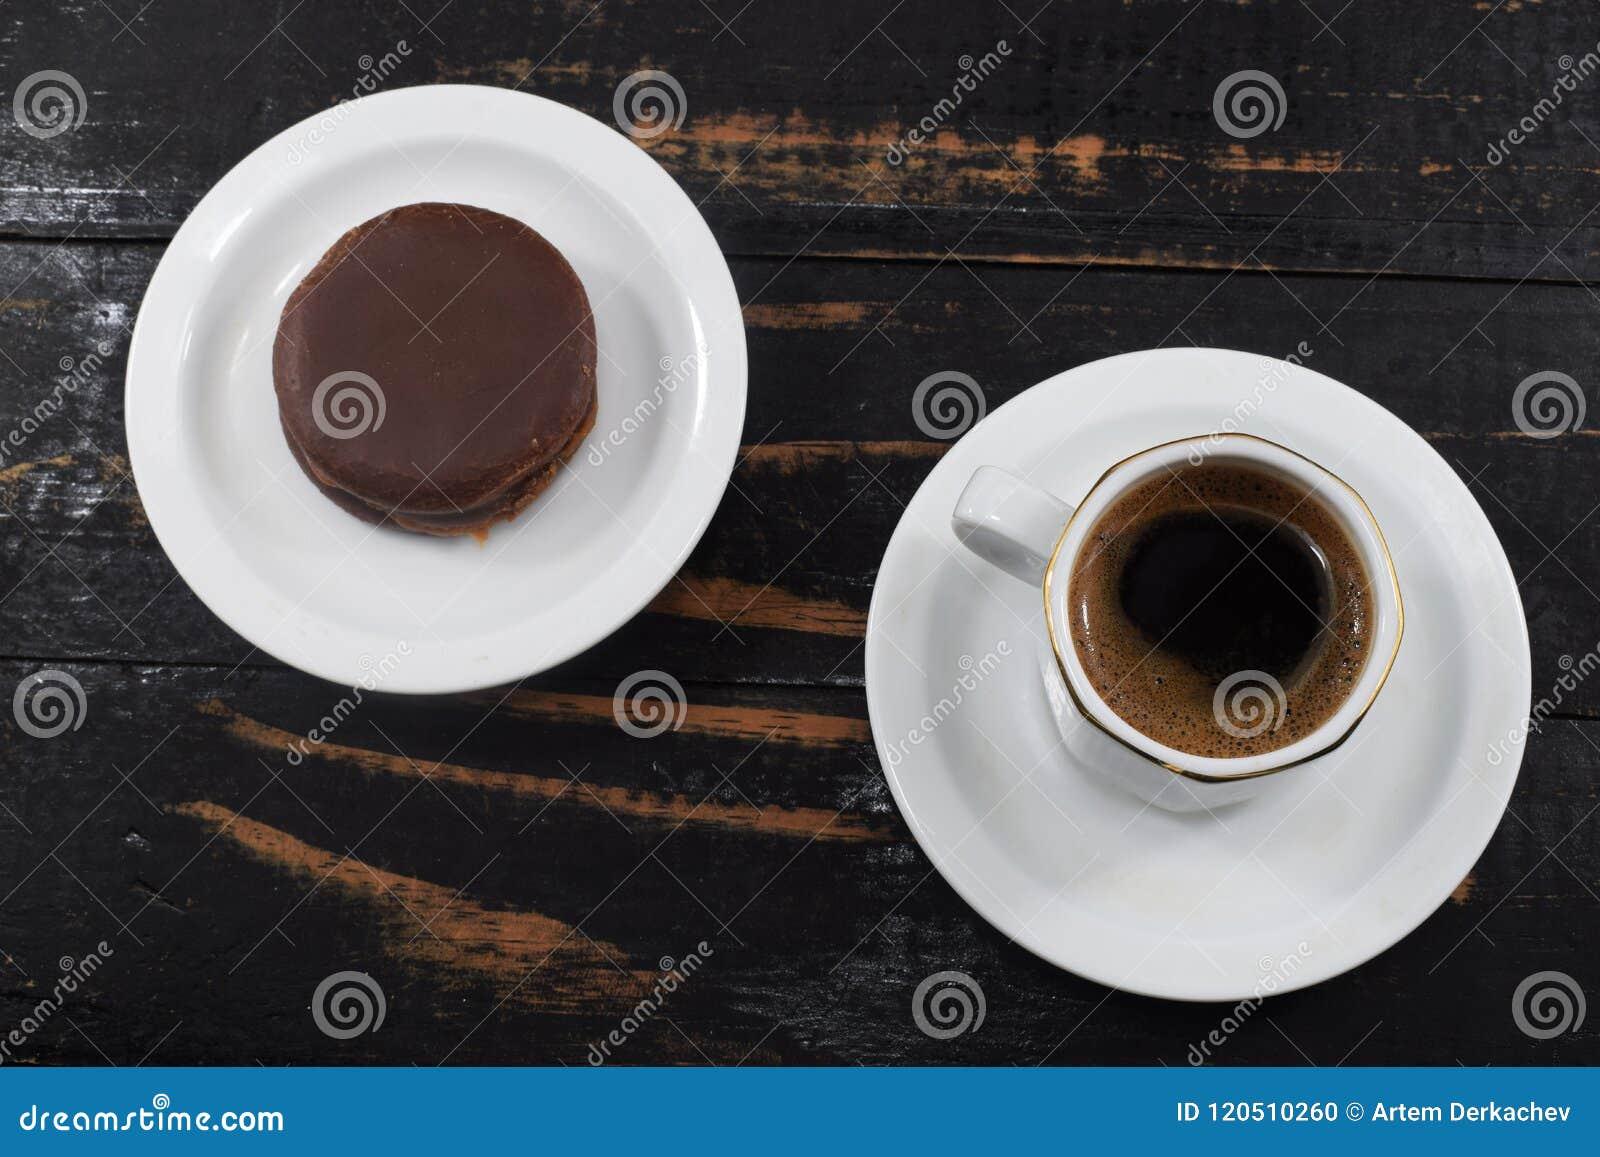 Morgenfrühstück, Kaffee und Schokoladensplitterplätzchen